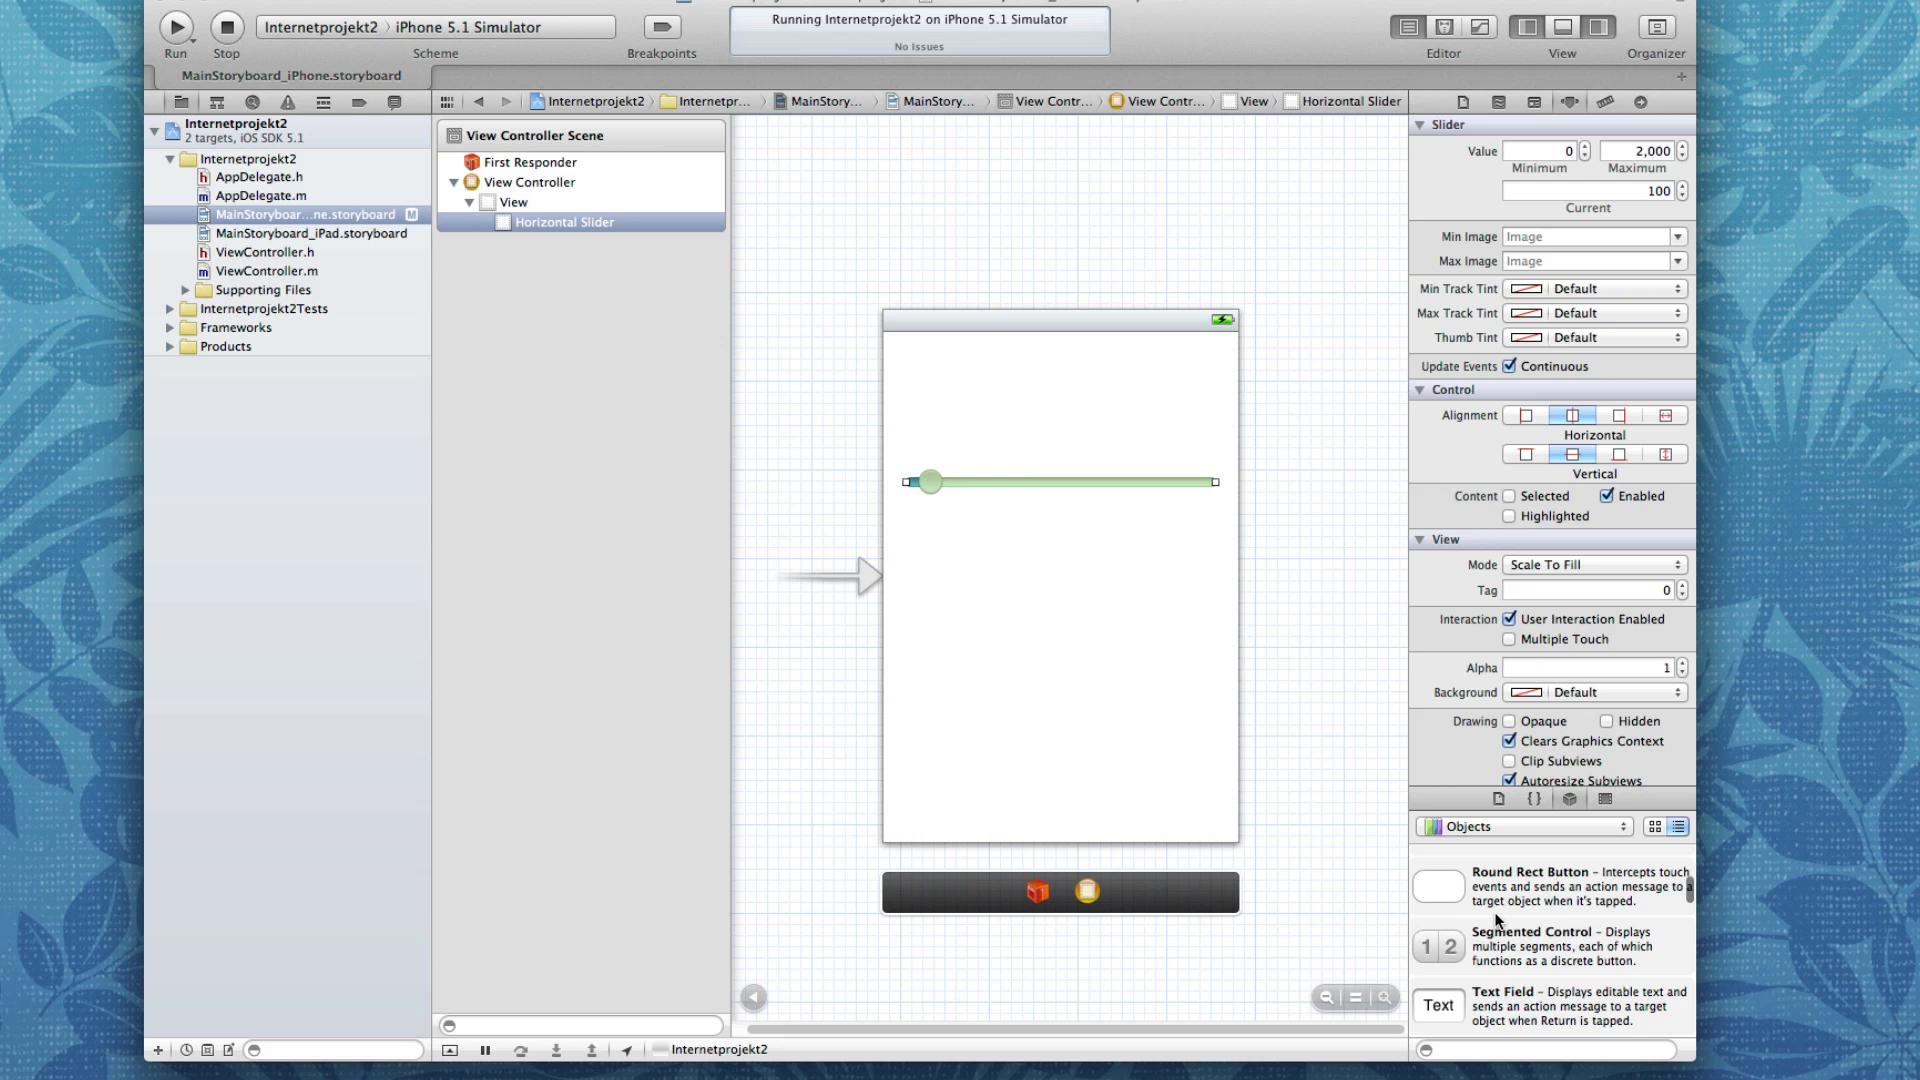 iOS Case: Byg komplet App - Del 5